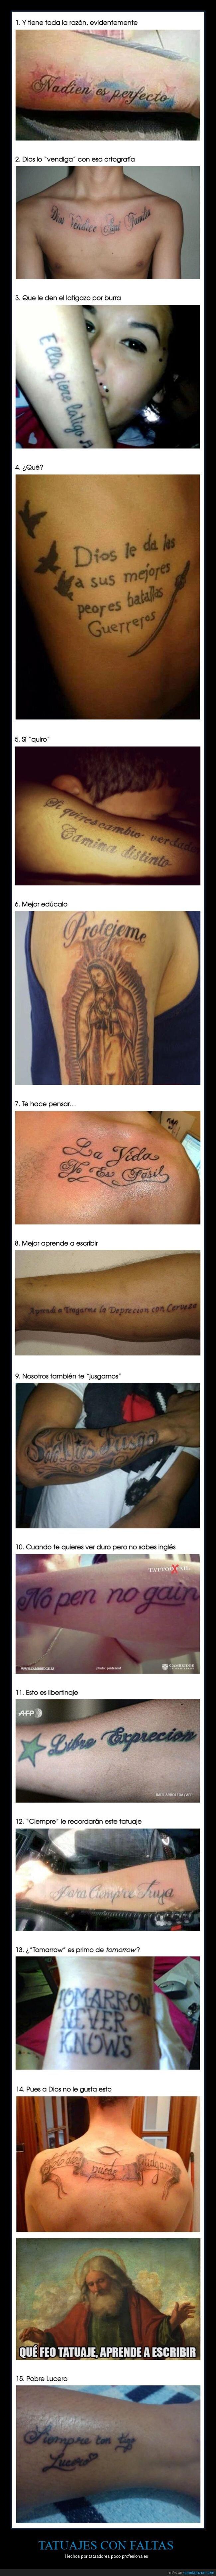 fails,ortografía,tatuajes